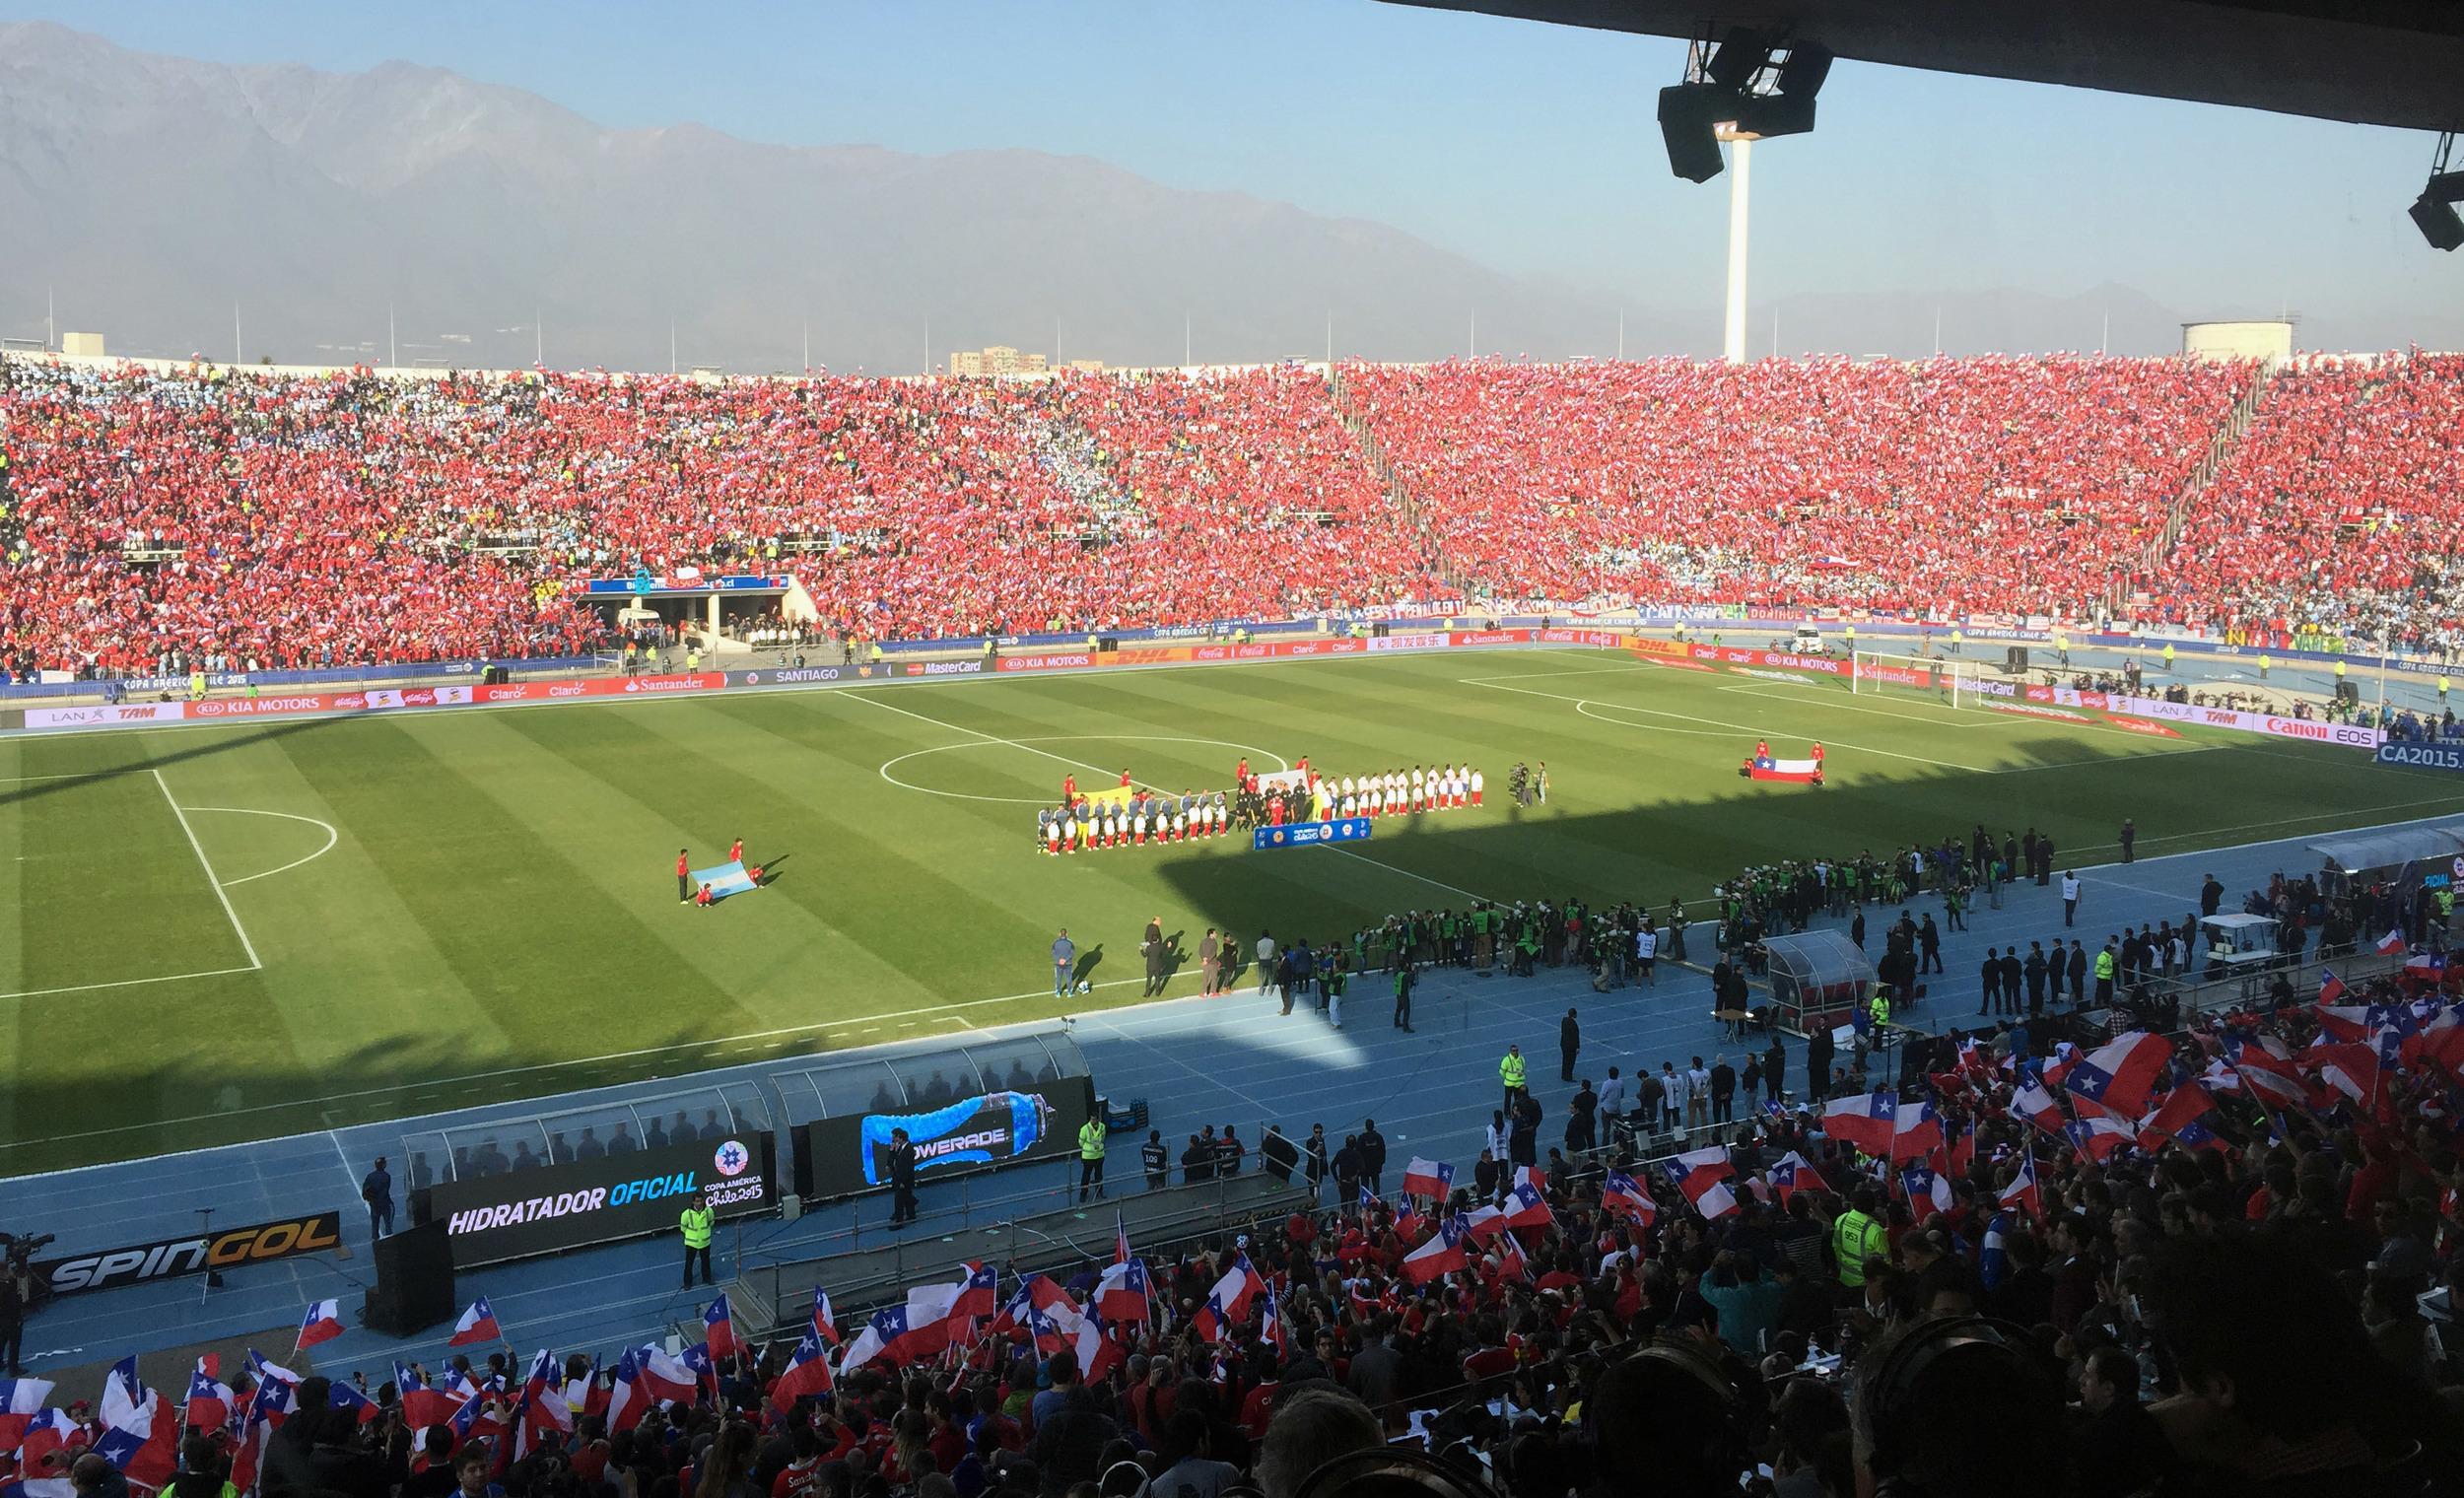 Chile y Argentina forman en el terreno del Estadio Nacional durante la ceremonia de los himnos nacionales, en la final de la Copa América 2015, el 4 de julio en Santiago de Chile. Foto: Eduardo Biscayart